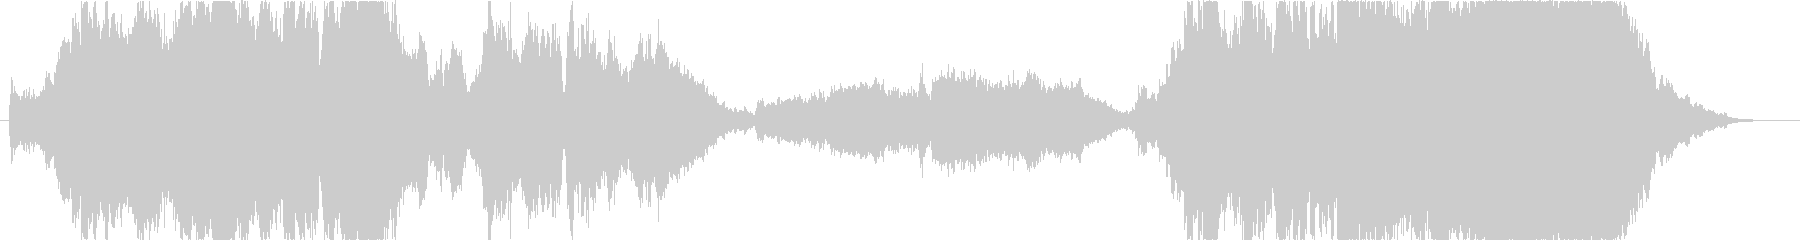 序曲的な華やかなオーケストラの未再生の波形